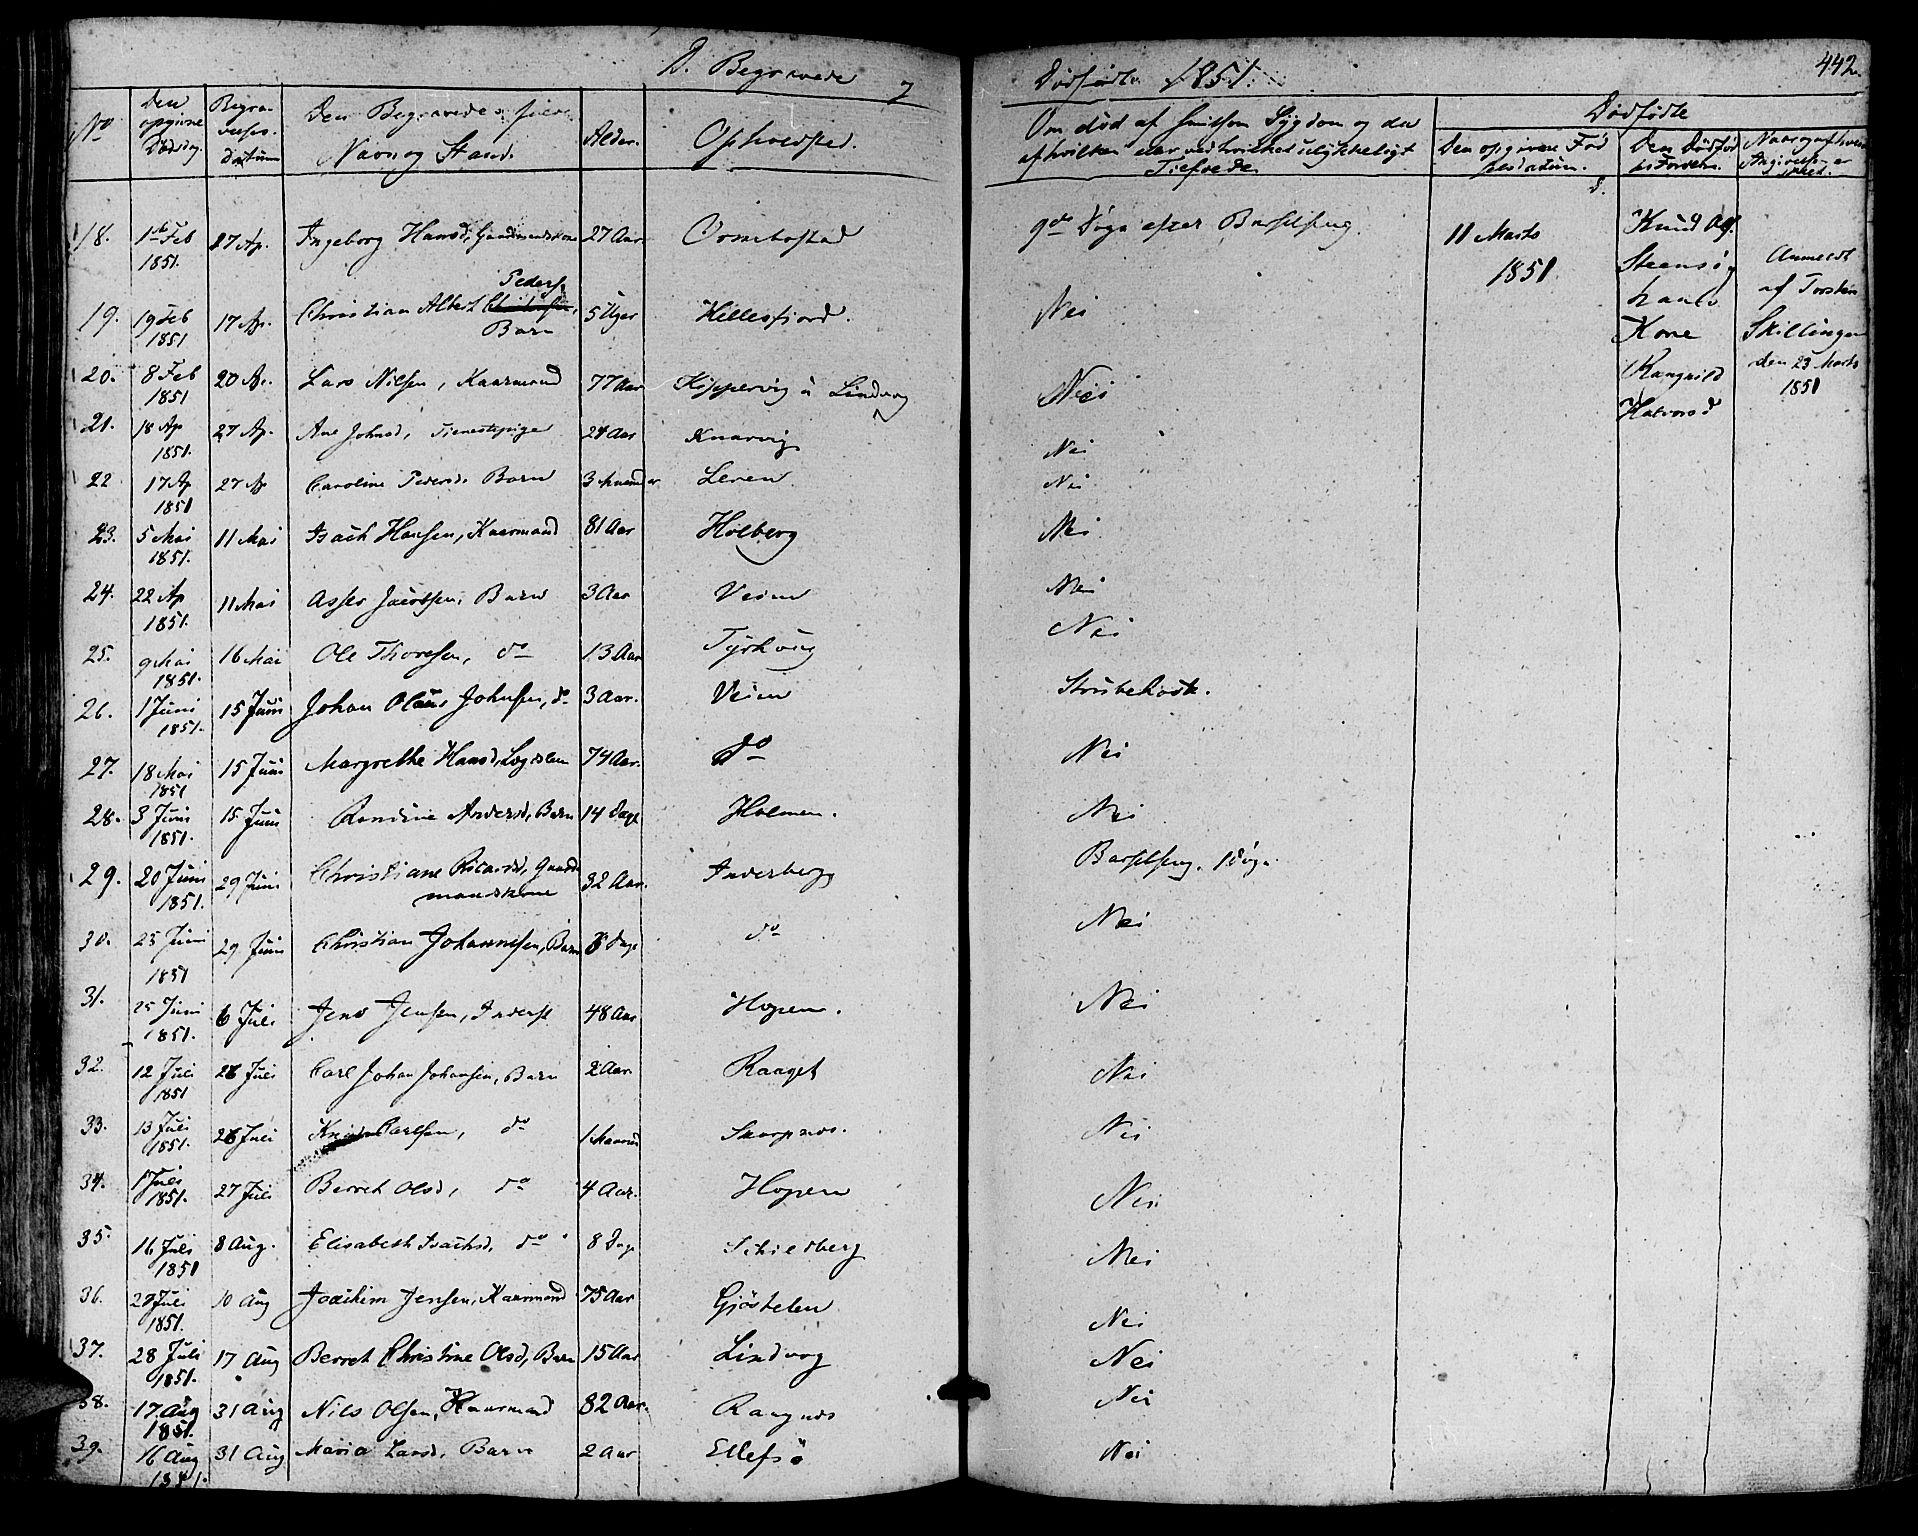 SAT, Ministerialprotokoller, klokkerbøker og fødselsregistre - Møre og Romsdal, 581/L0936: Ministerialbok nr. 581A04, 1836-1852, s. 442